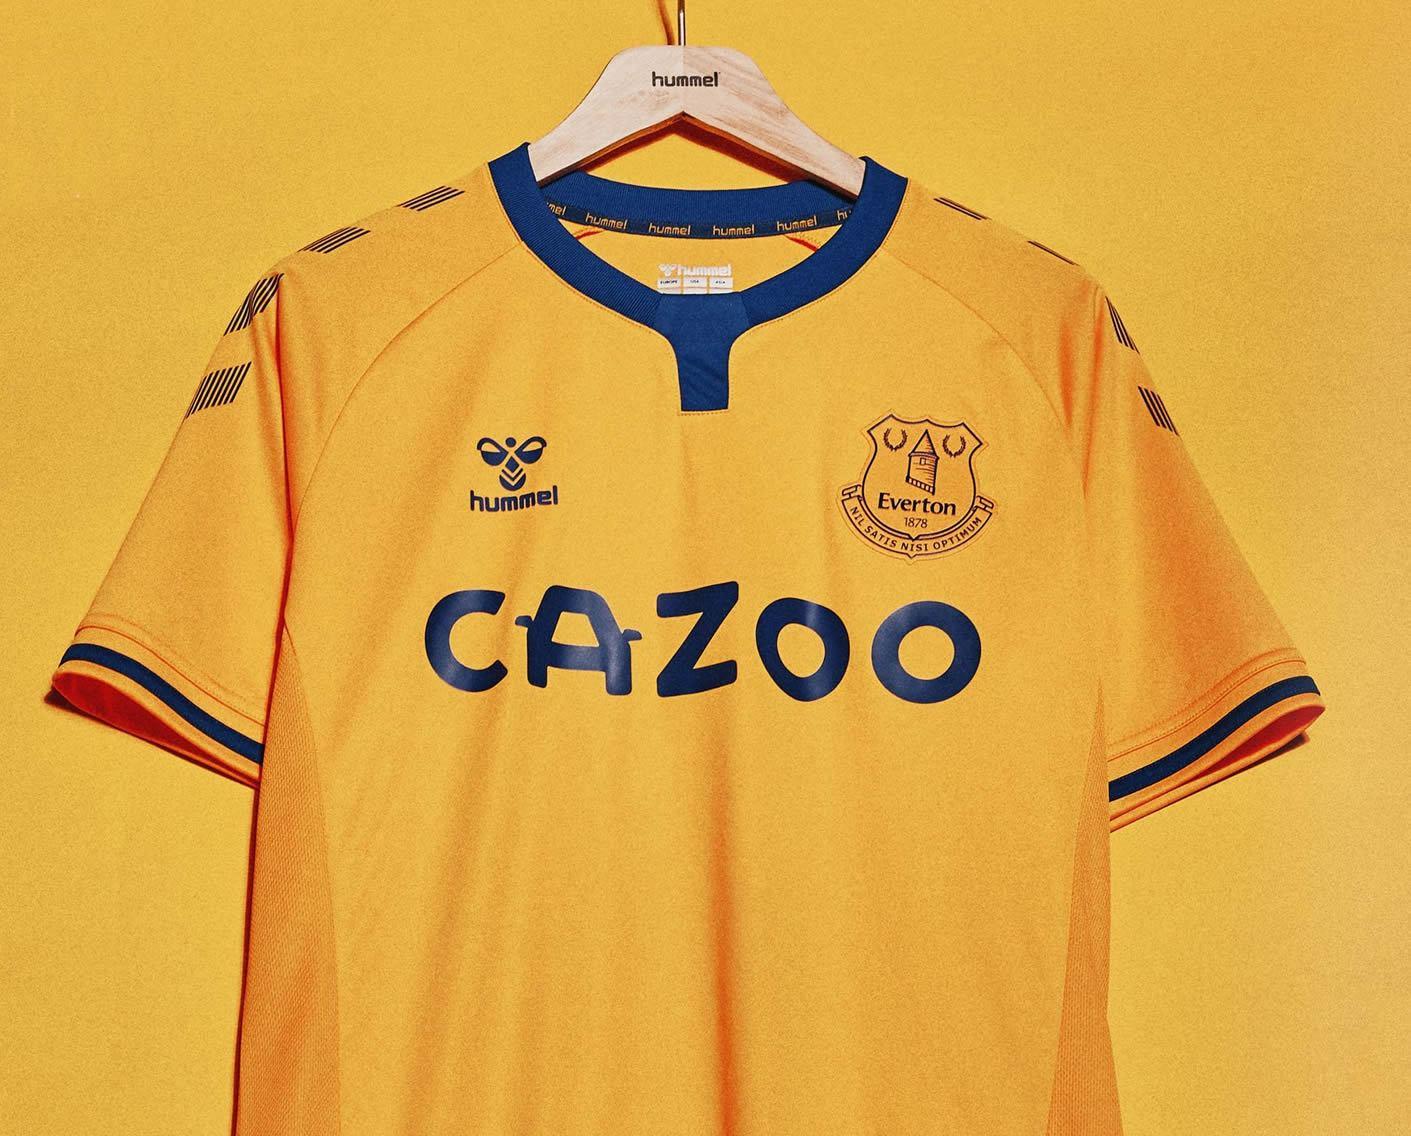 Maillot de remplacement Everton 2020/21 Hummel | Image du site officiel